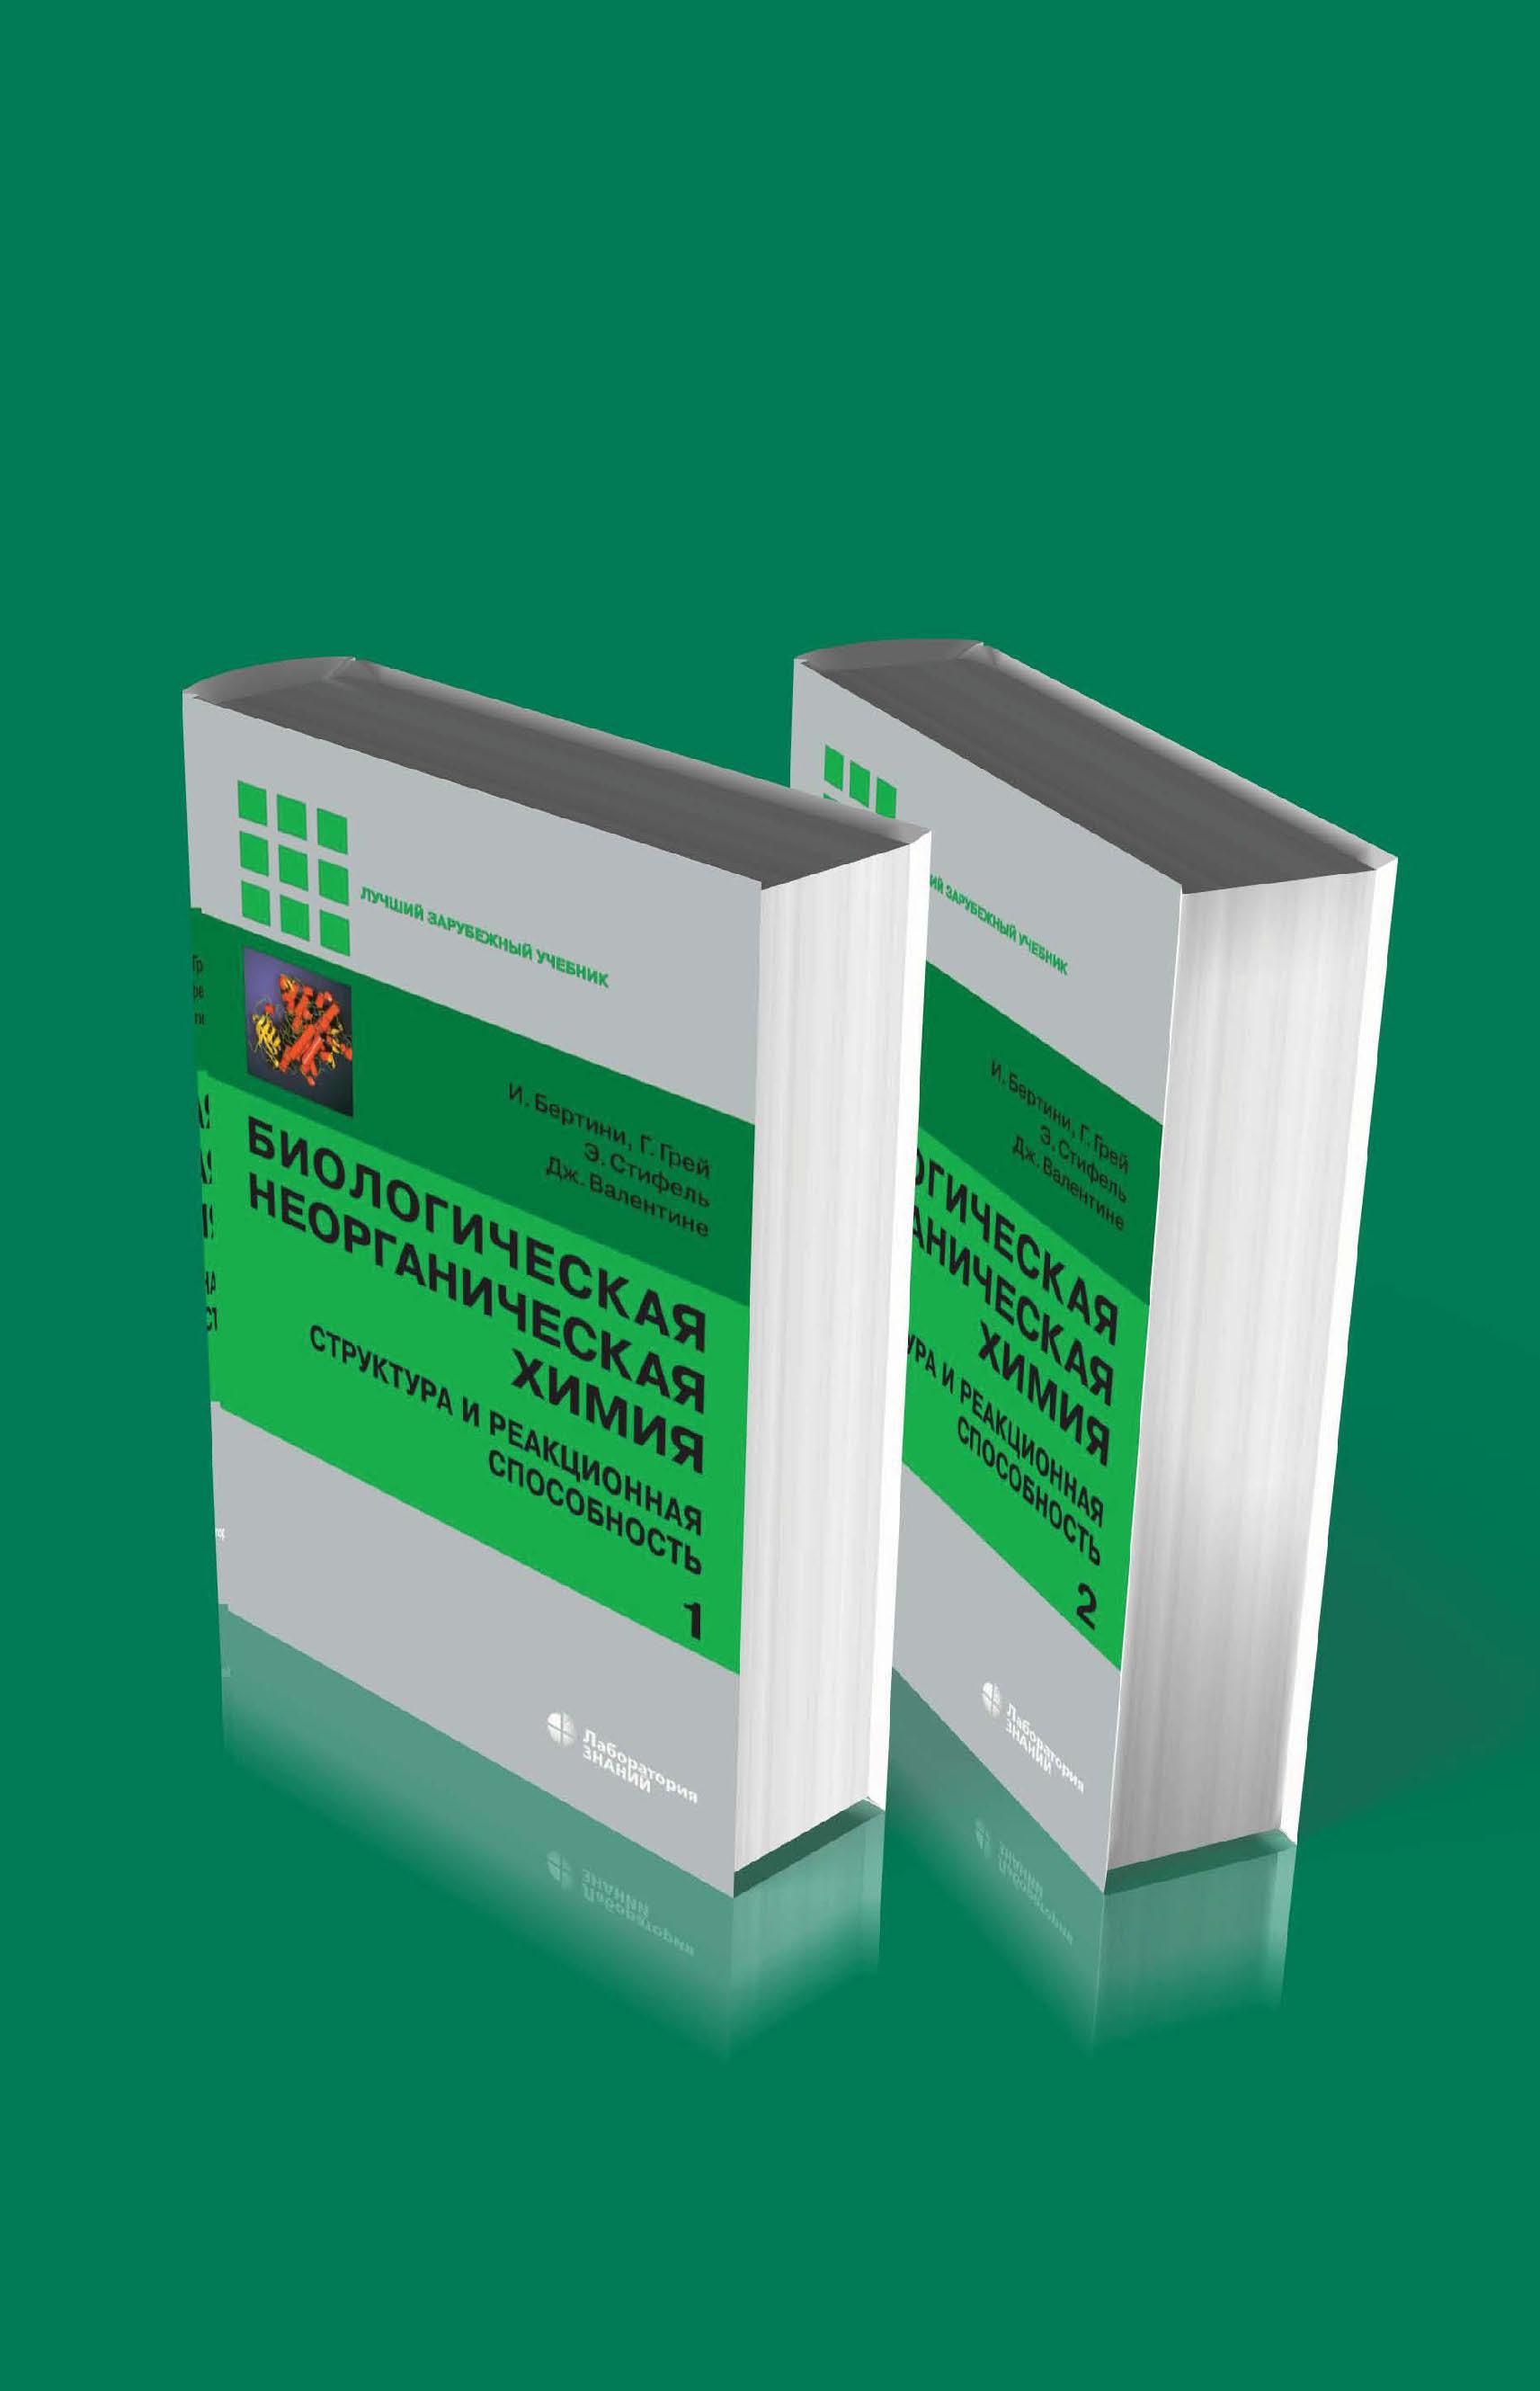 Биологическая неорганическая химия. Структура иреакционная способность. В 2 томах